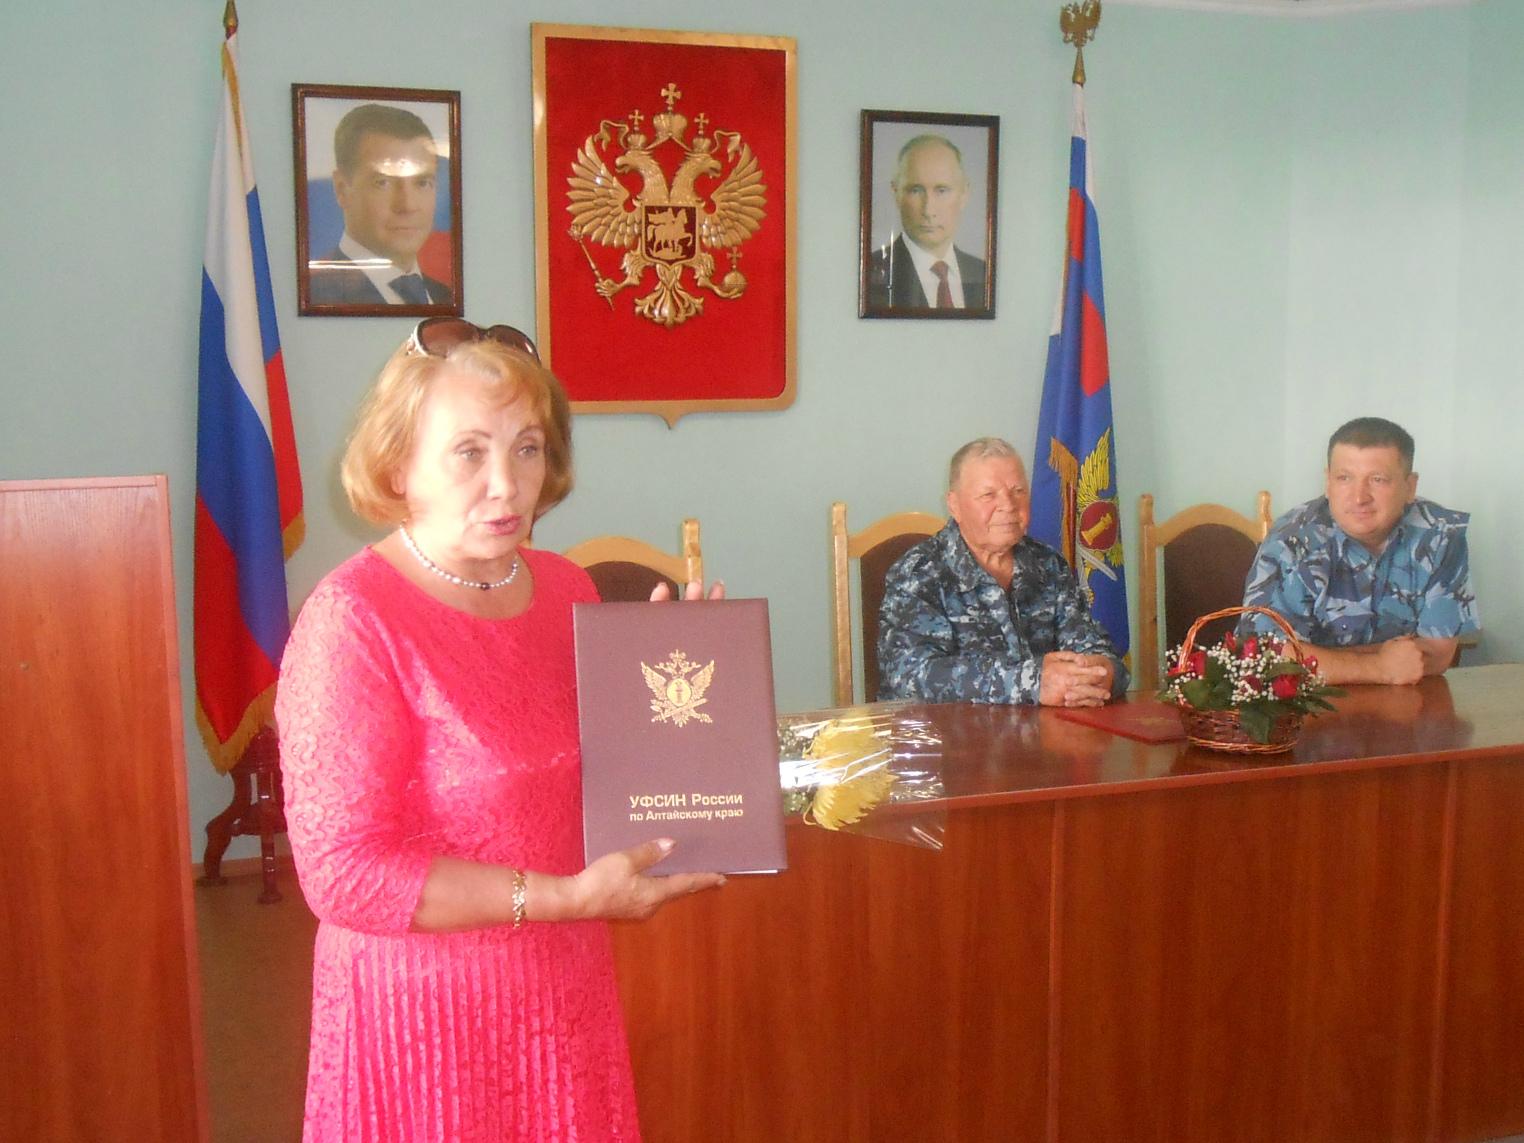 Ветерана ЛИУ-1 УФСИН России по Алтайскому краю поздравили с юбилеем